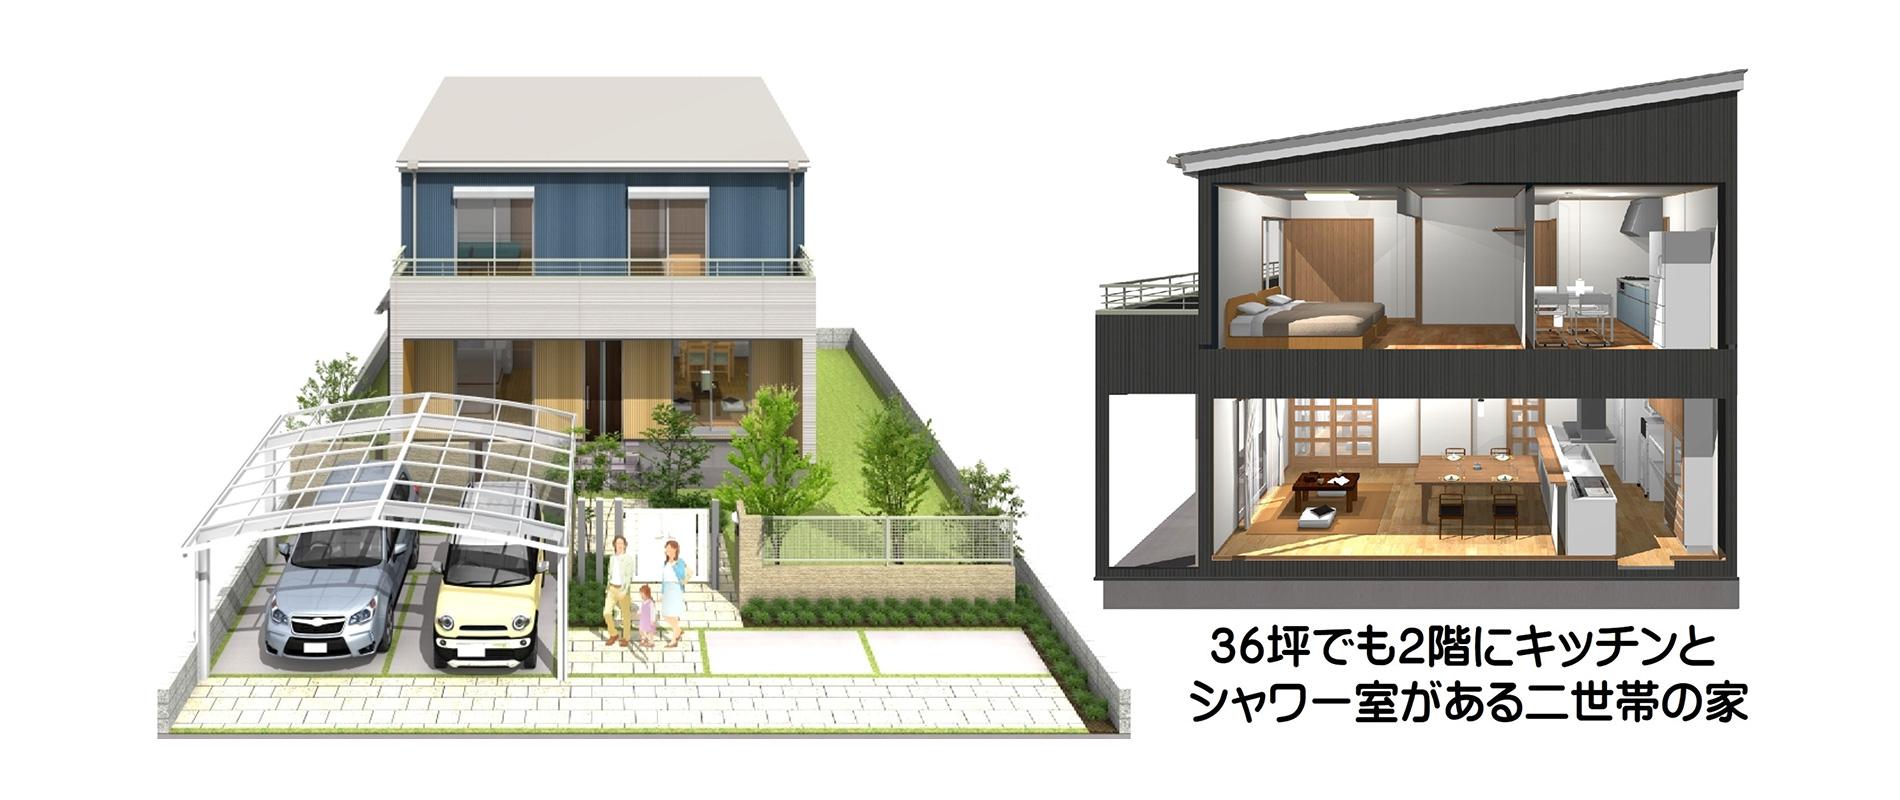 佐賀県 注文住宅 暮らし易い 間取り 3D設計